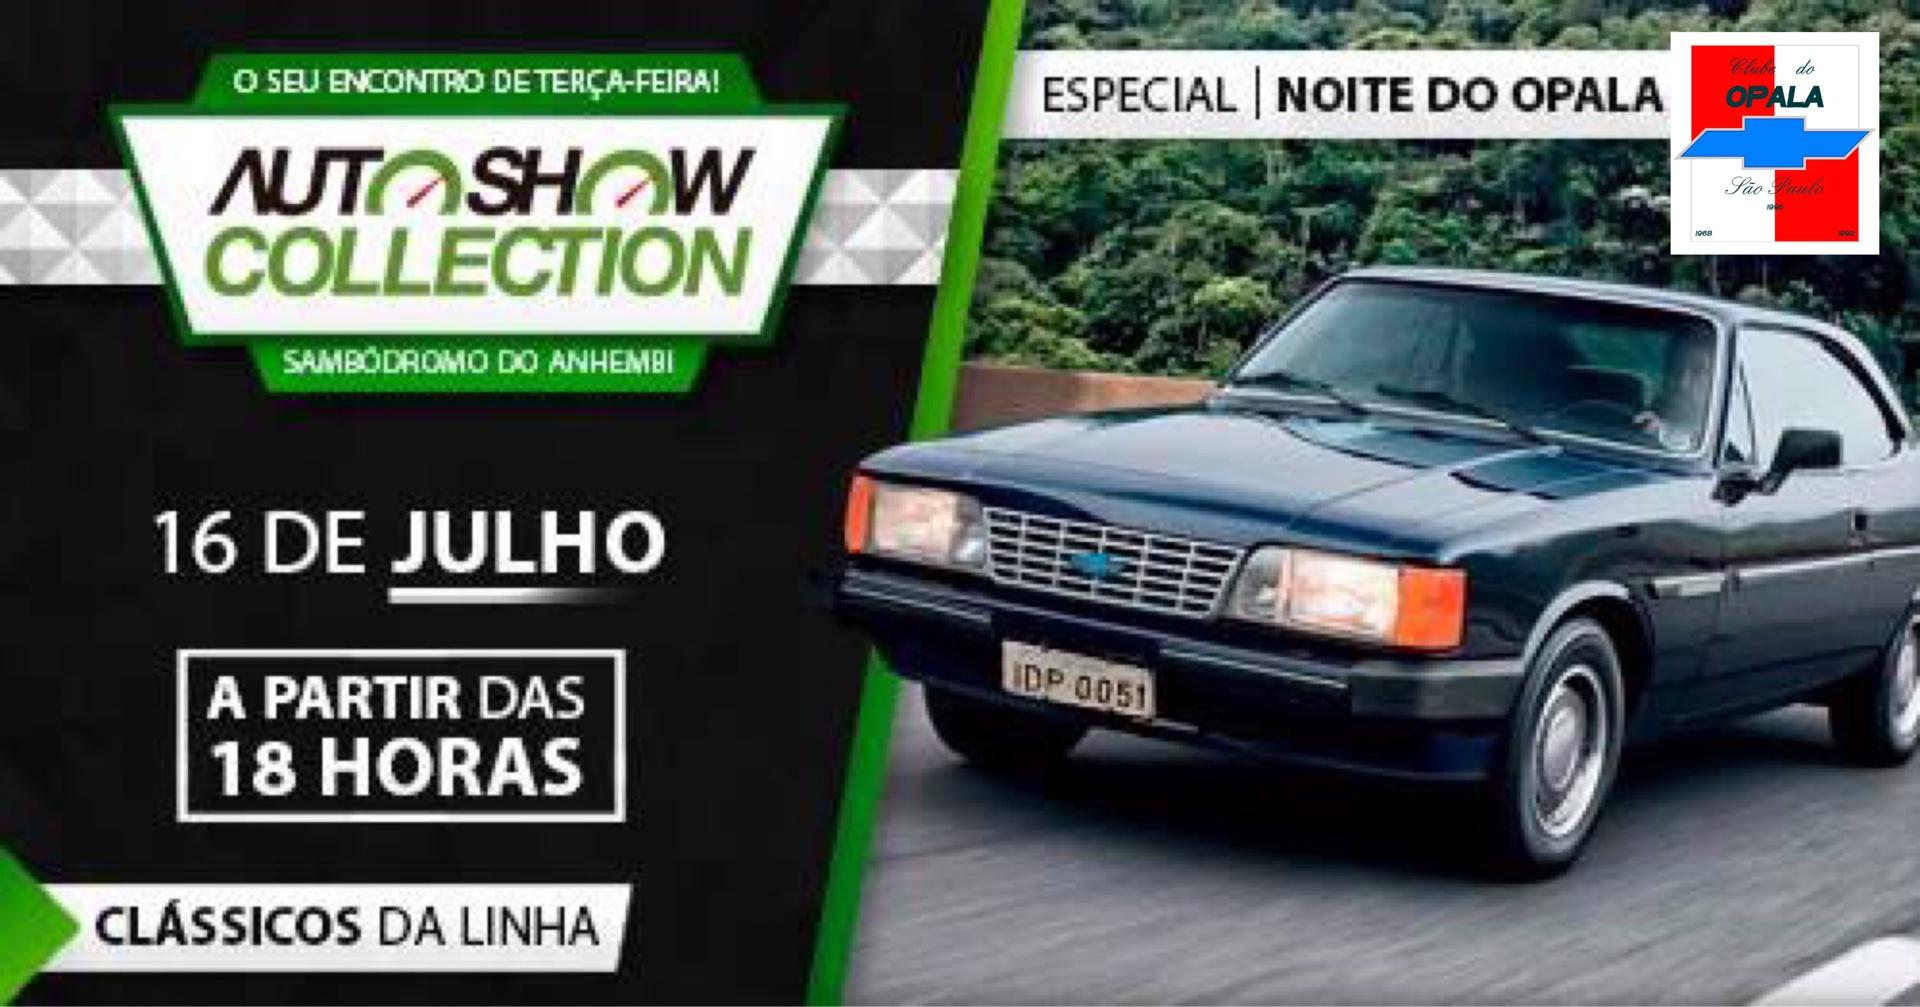 Noite do Opala 2019 - 16 de Julho - Sambódromo do Anhembi